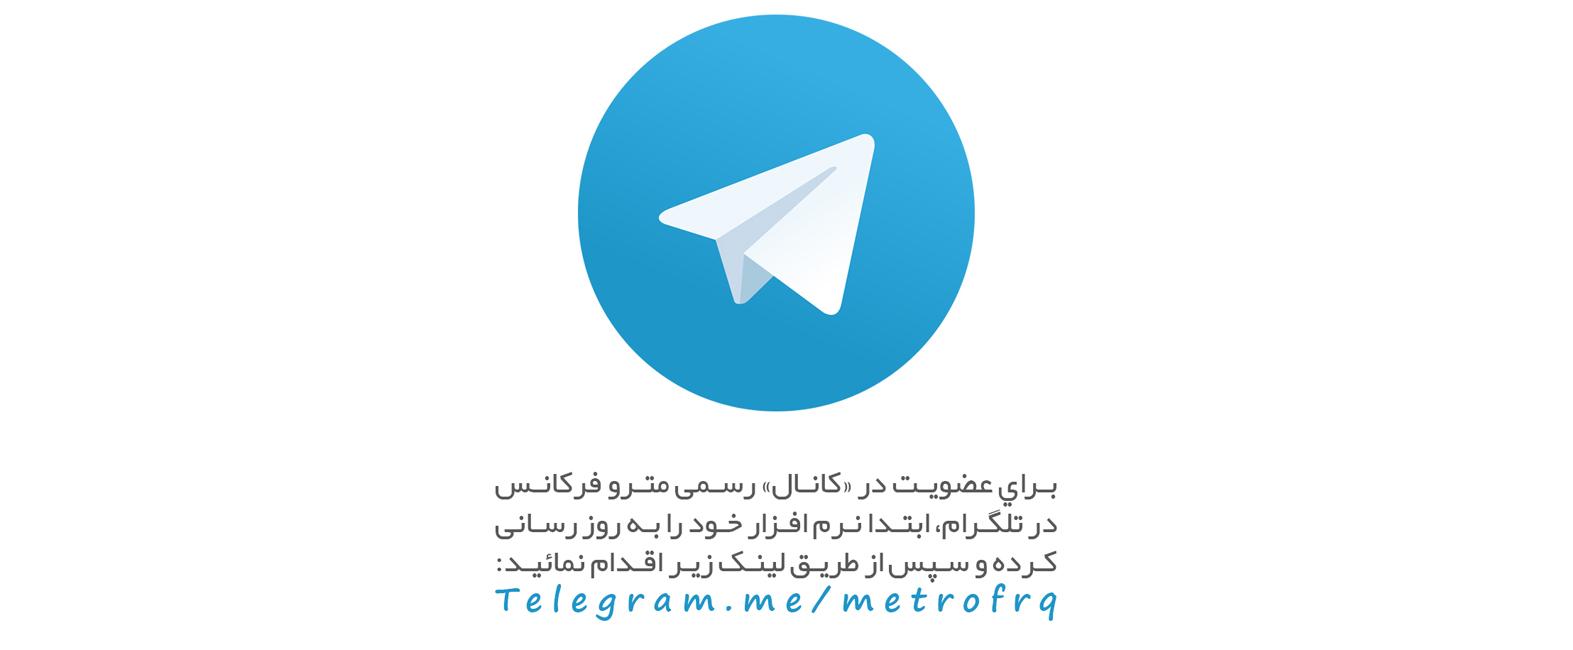 TELEGRAM SITE